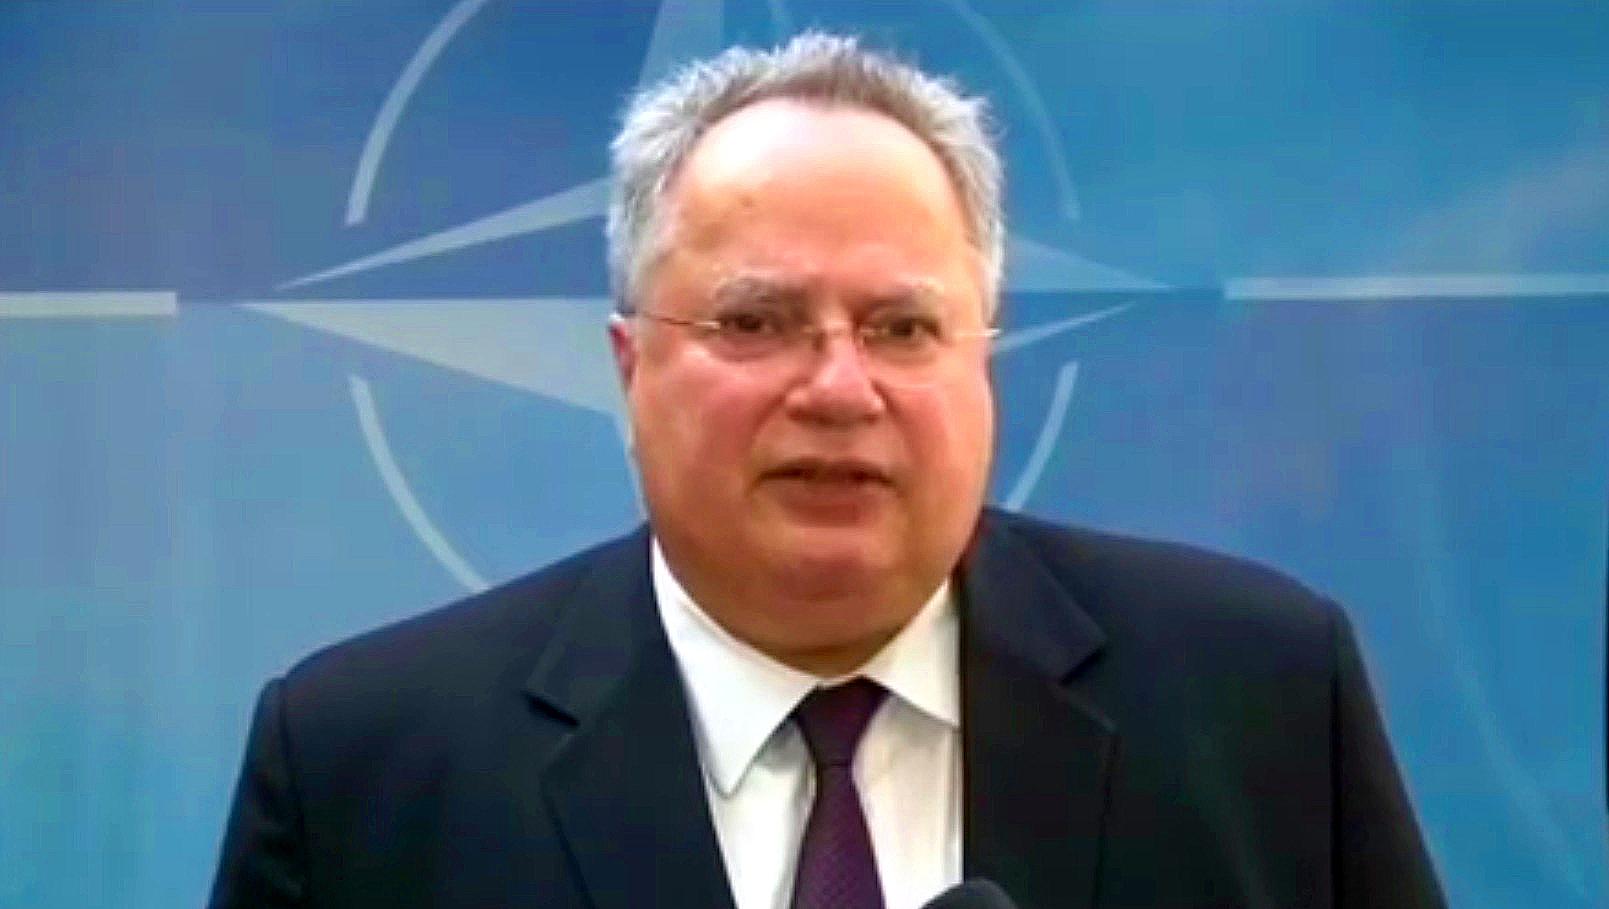 Στο Λουξεμβούργο ο Νίκος Κοτζιάς, για το Συμβούλιο Εξωτερικών Υποθέσεων της ΕΕ.